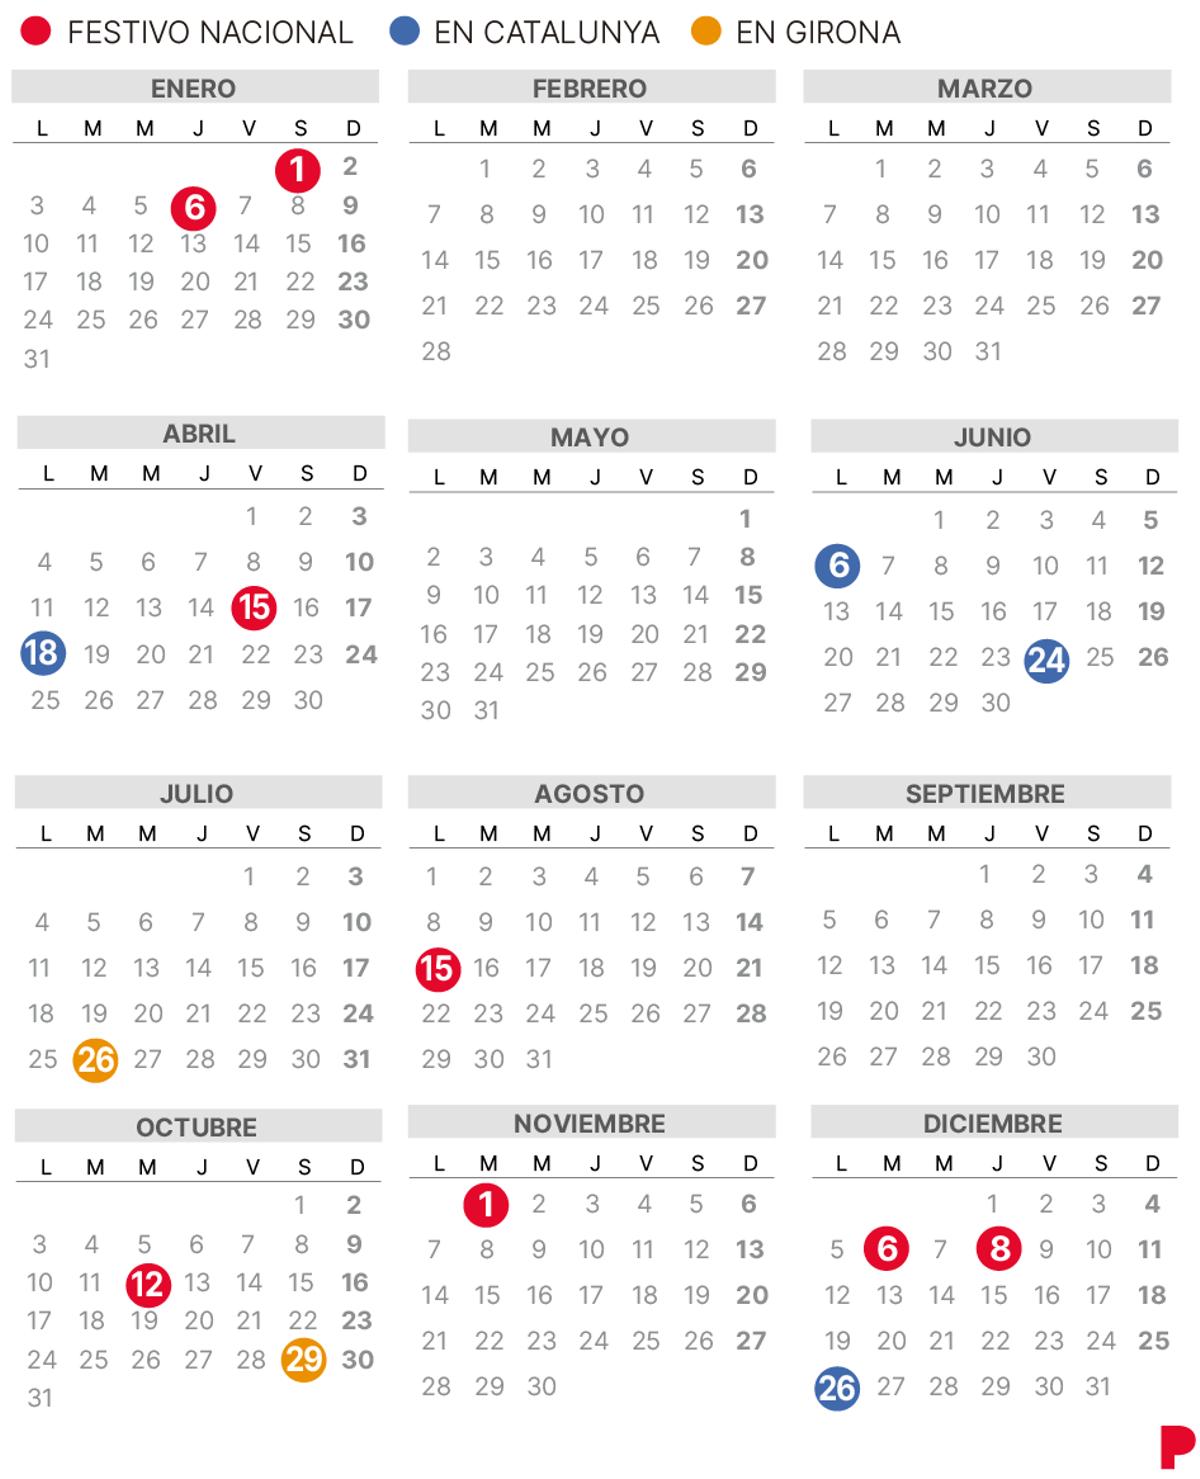 Calendario laboral de Girona 2022.